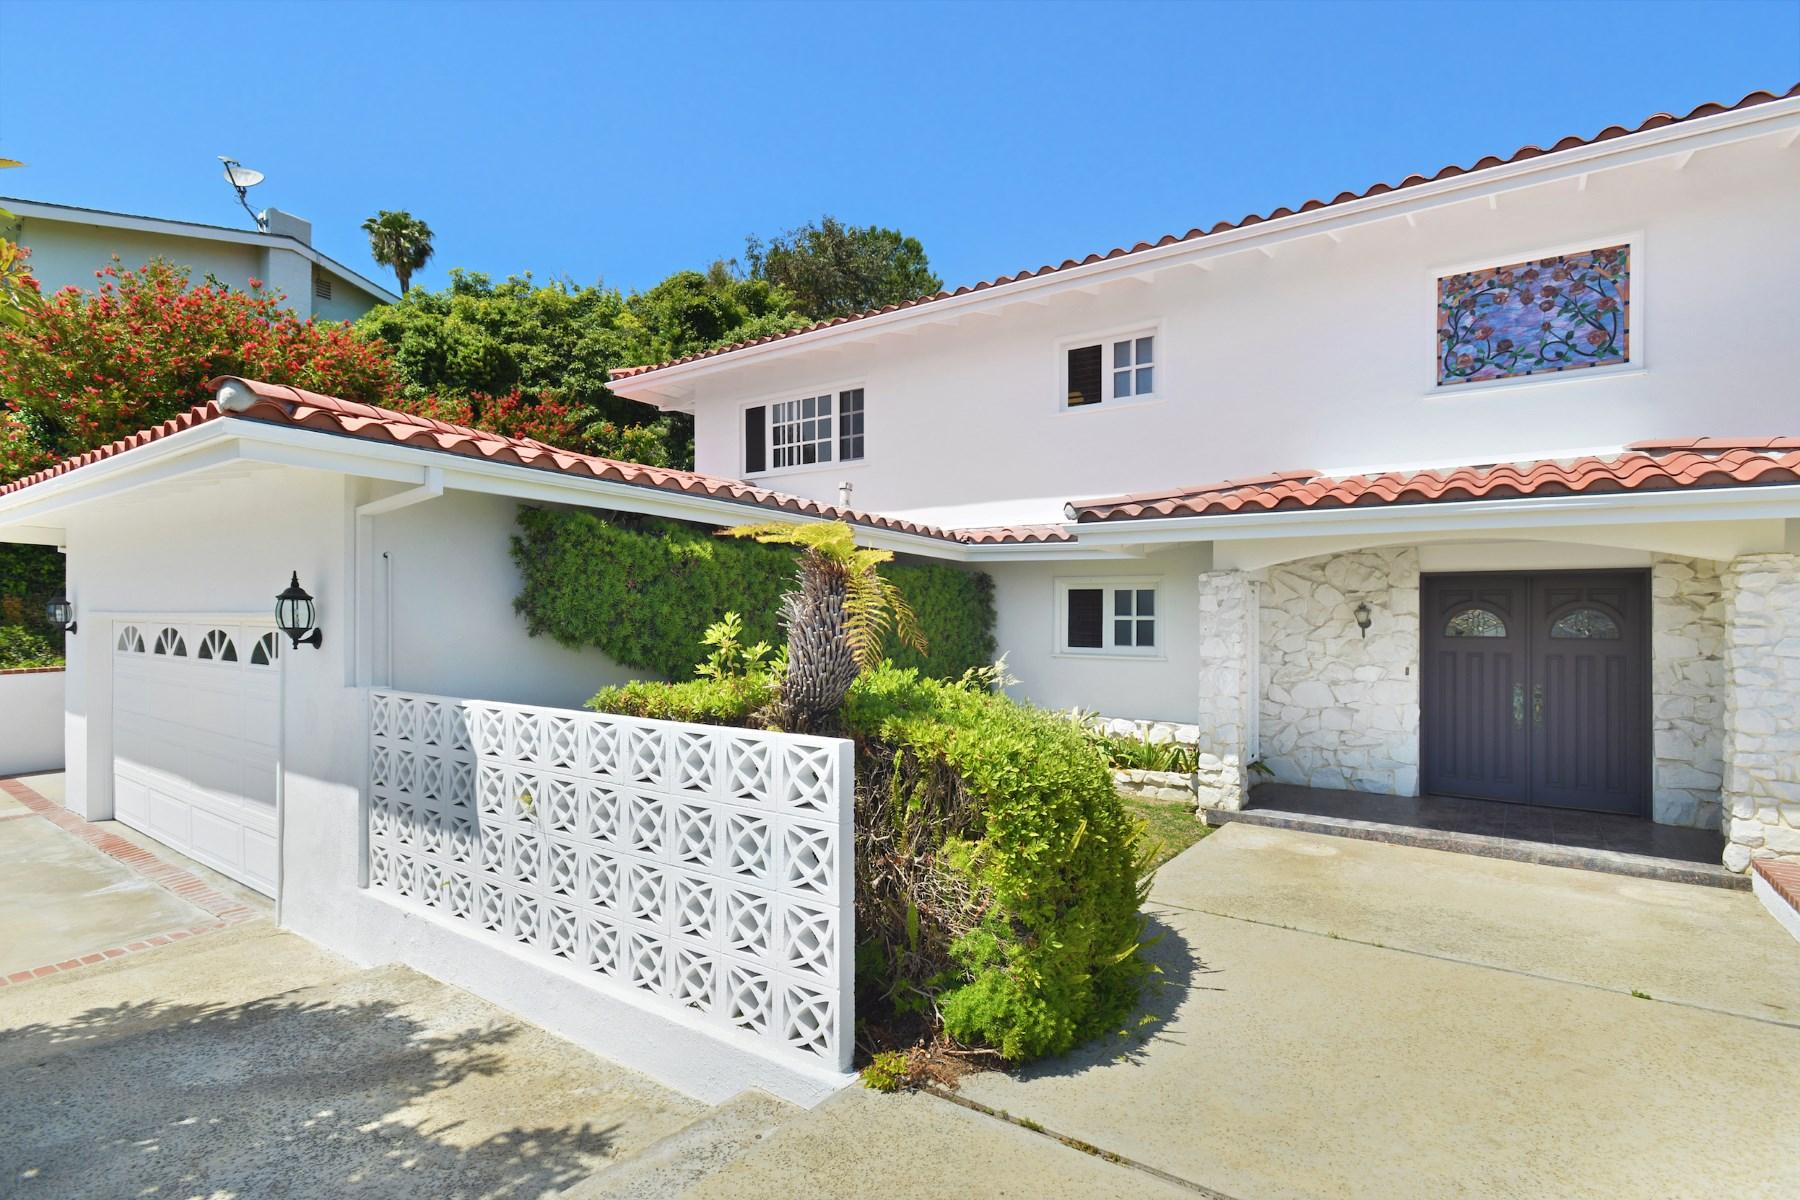 Casa para uma família para Venda às Ocean View Mediterranean 18025 Sandy Cape Drive Pacific Palisades, Califórnia, 90272 Estados Unidos